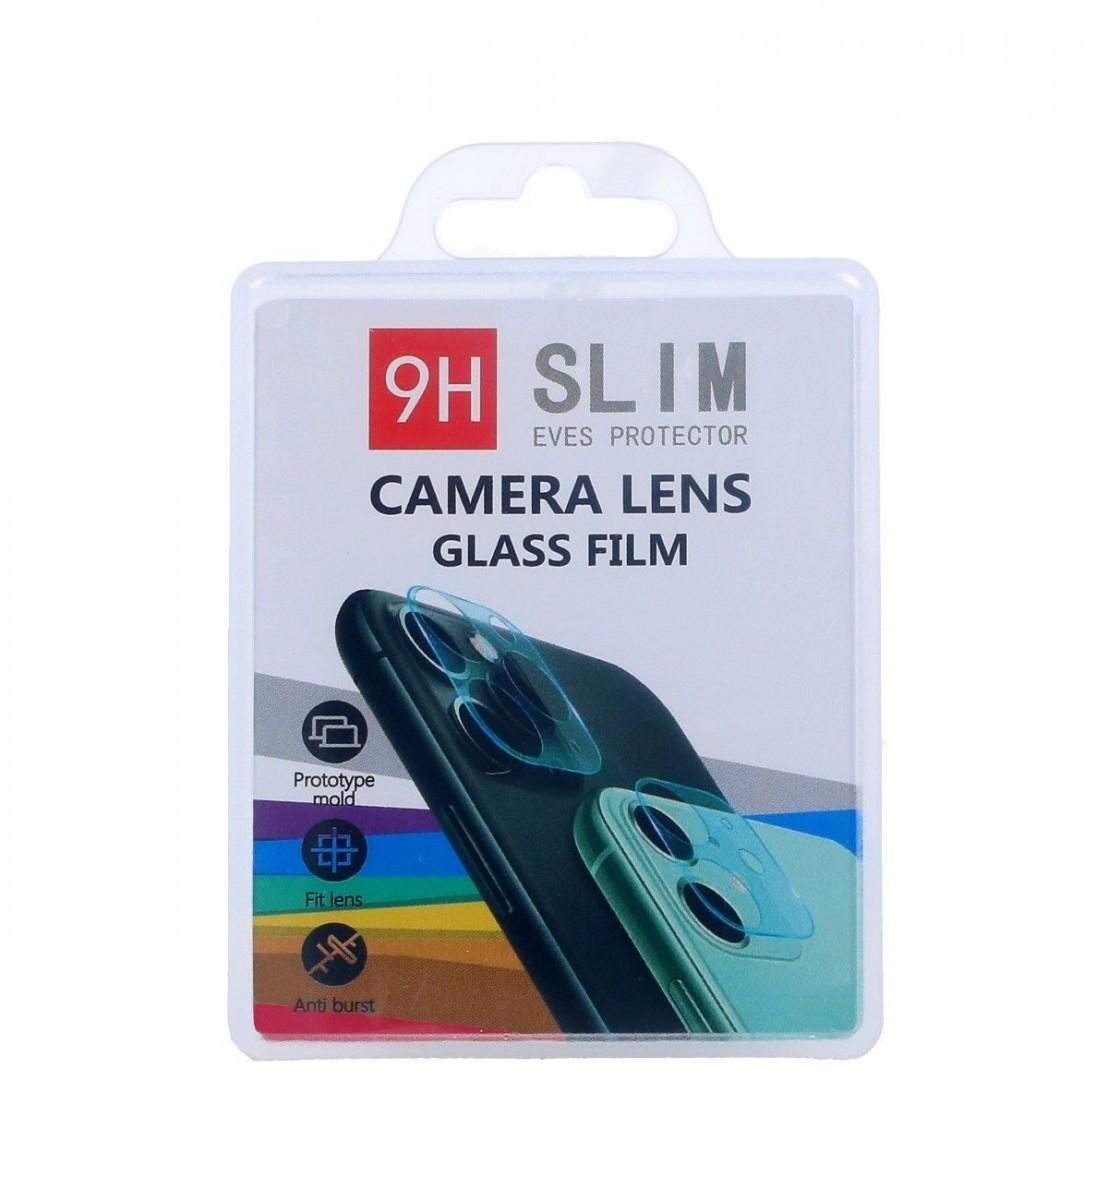 Tvrzené sklo TopQ na zadní fotoaparát Huawei P40 Lite 54778 (ochranné sklo na zadní čočku fotoaparátu Huawei P40 Lite)